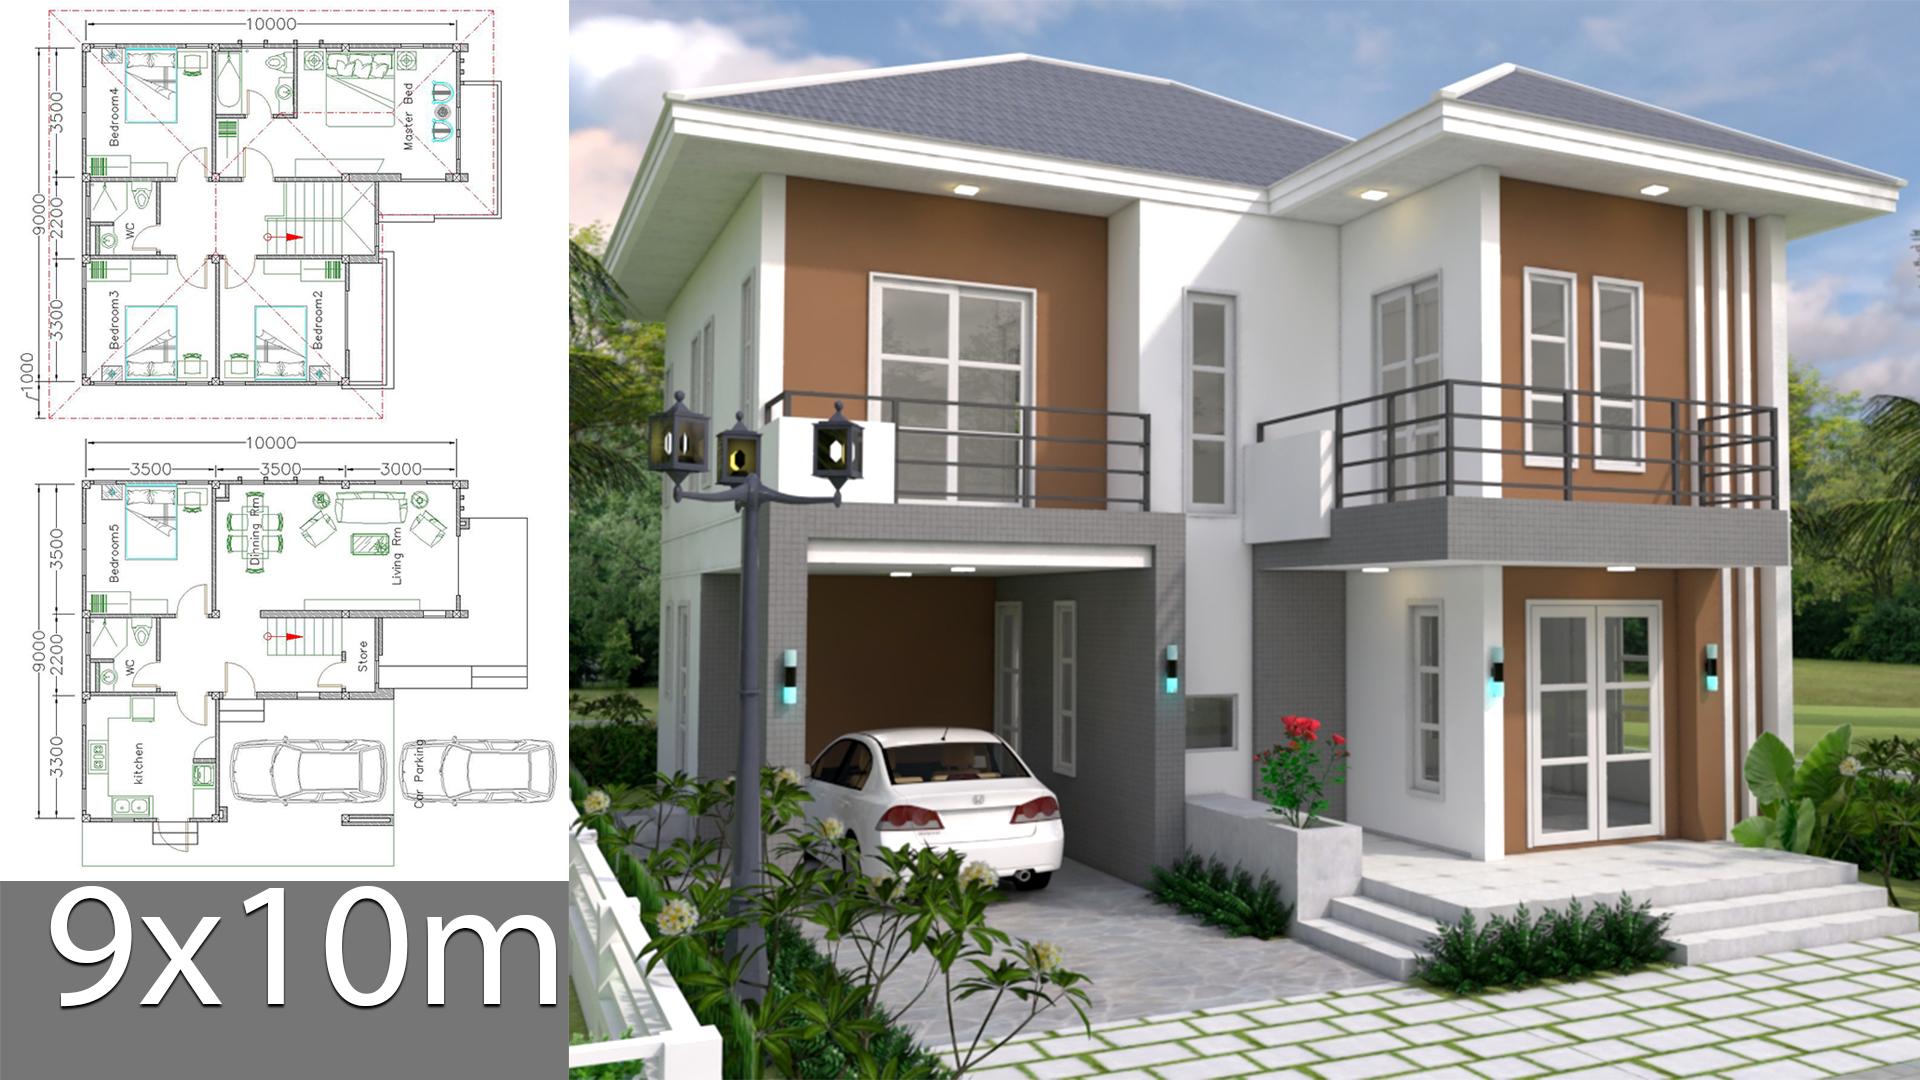 House Plans Design 9x10m 5beds Samphoas Com